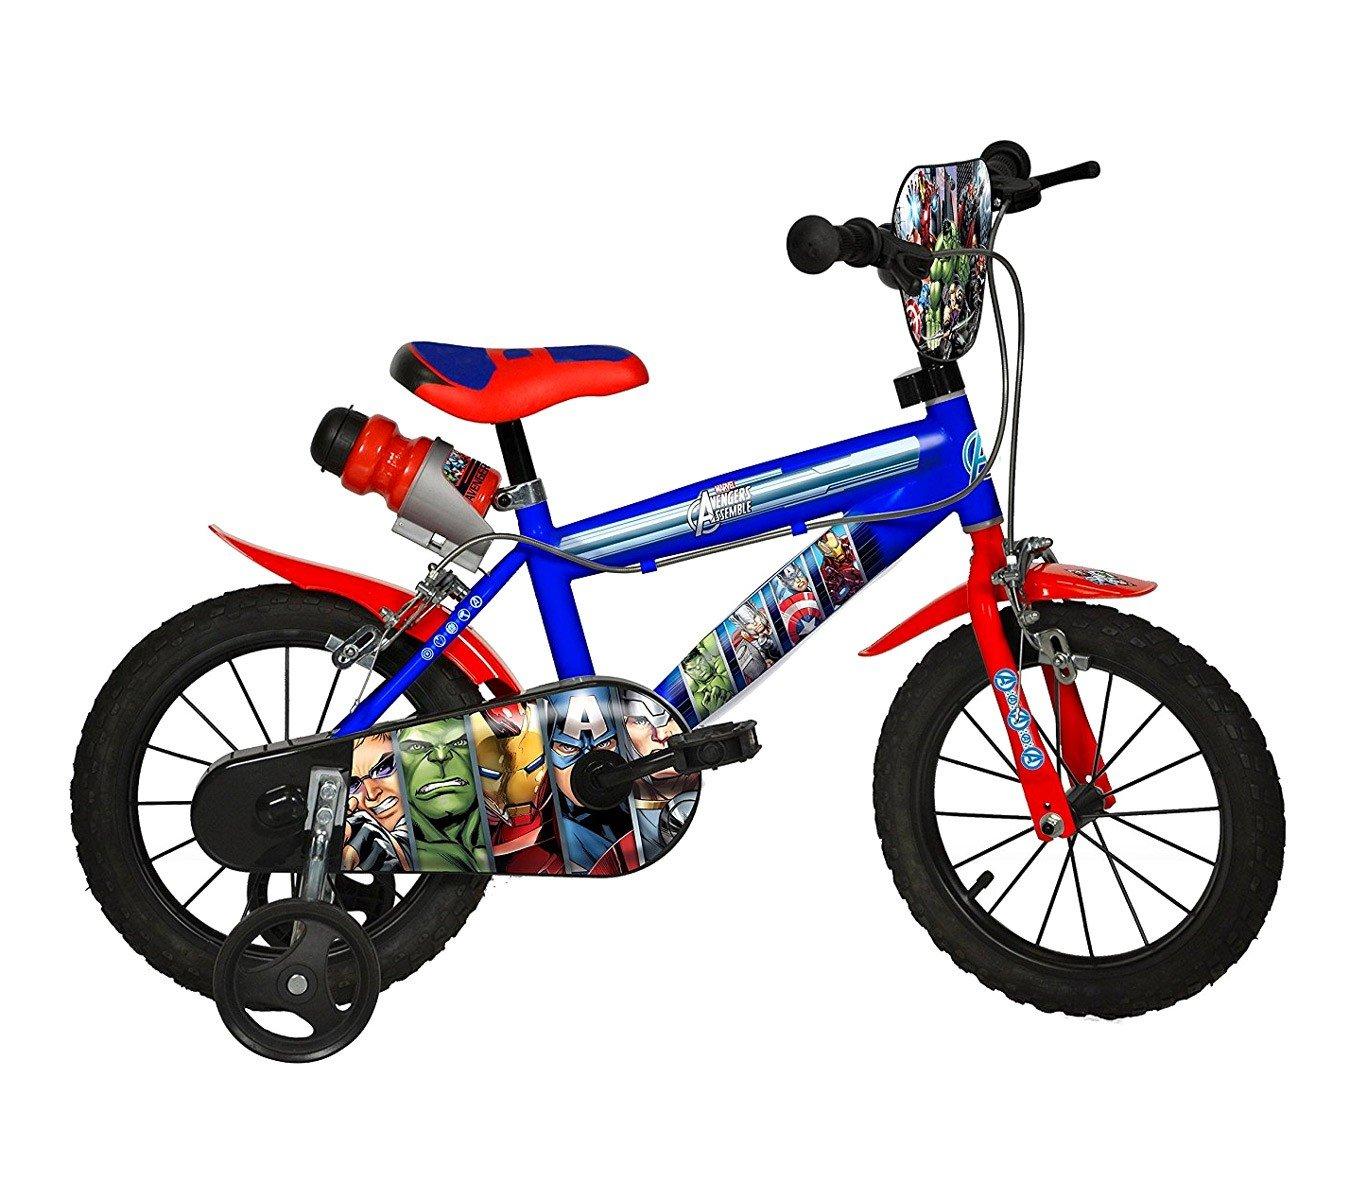 Mediawave Store Fahrrad Kinder Dino Bikes 414 u-av Größe 14 Avengers Fahrrad Alter 3 – 6 Jahre